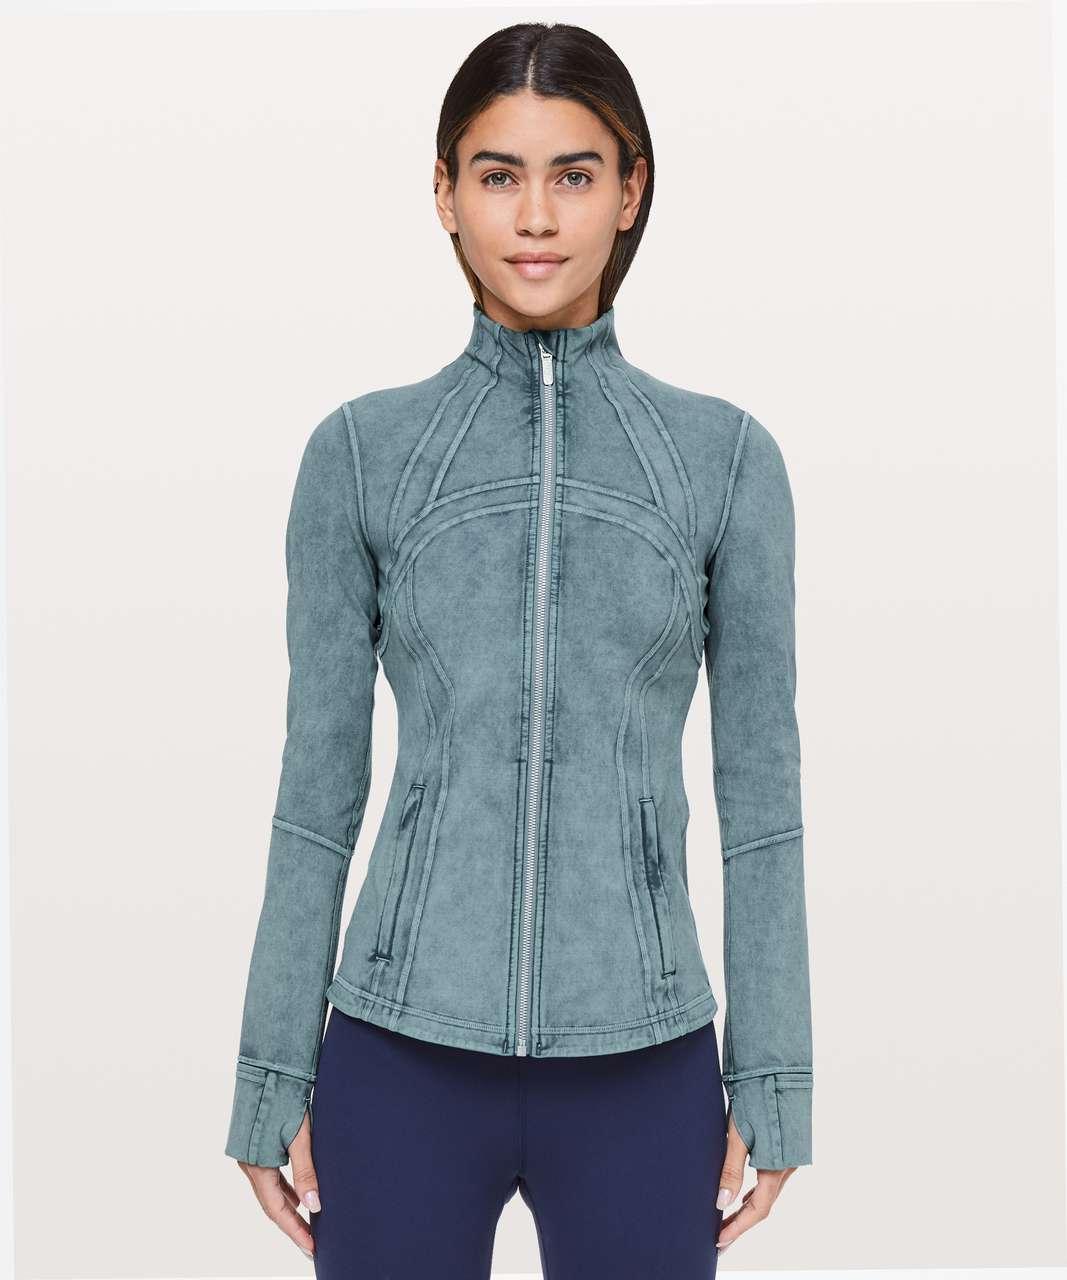 Lululemon Define Jacket *Luxtreme - Washed Petrol Blue